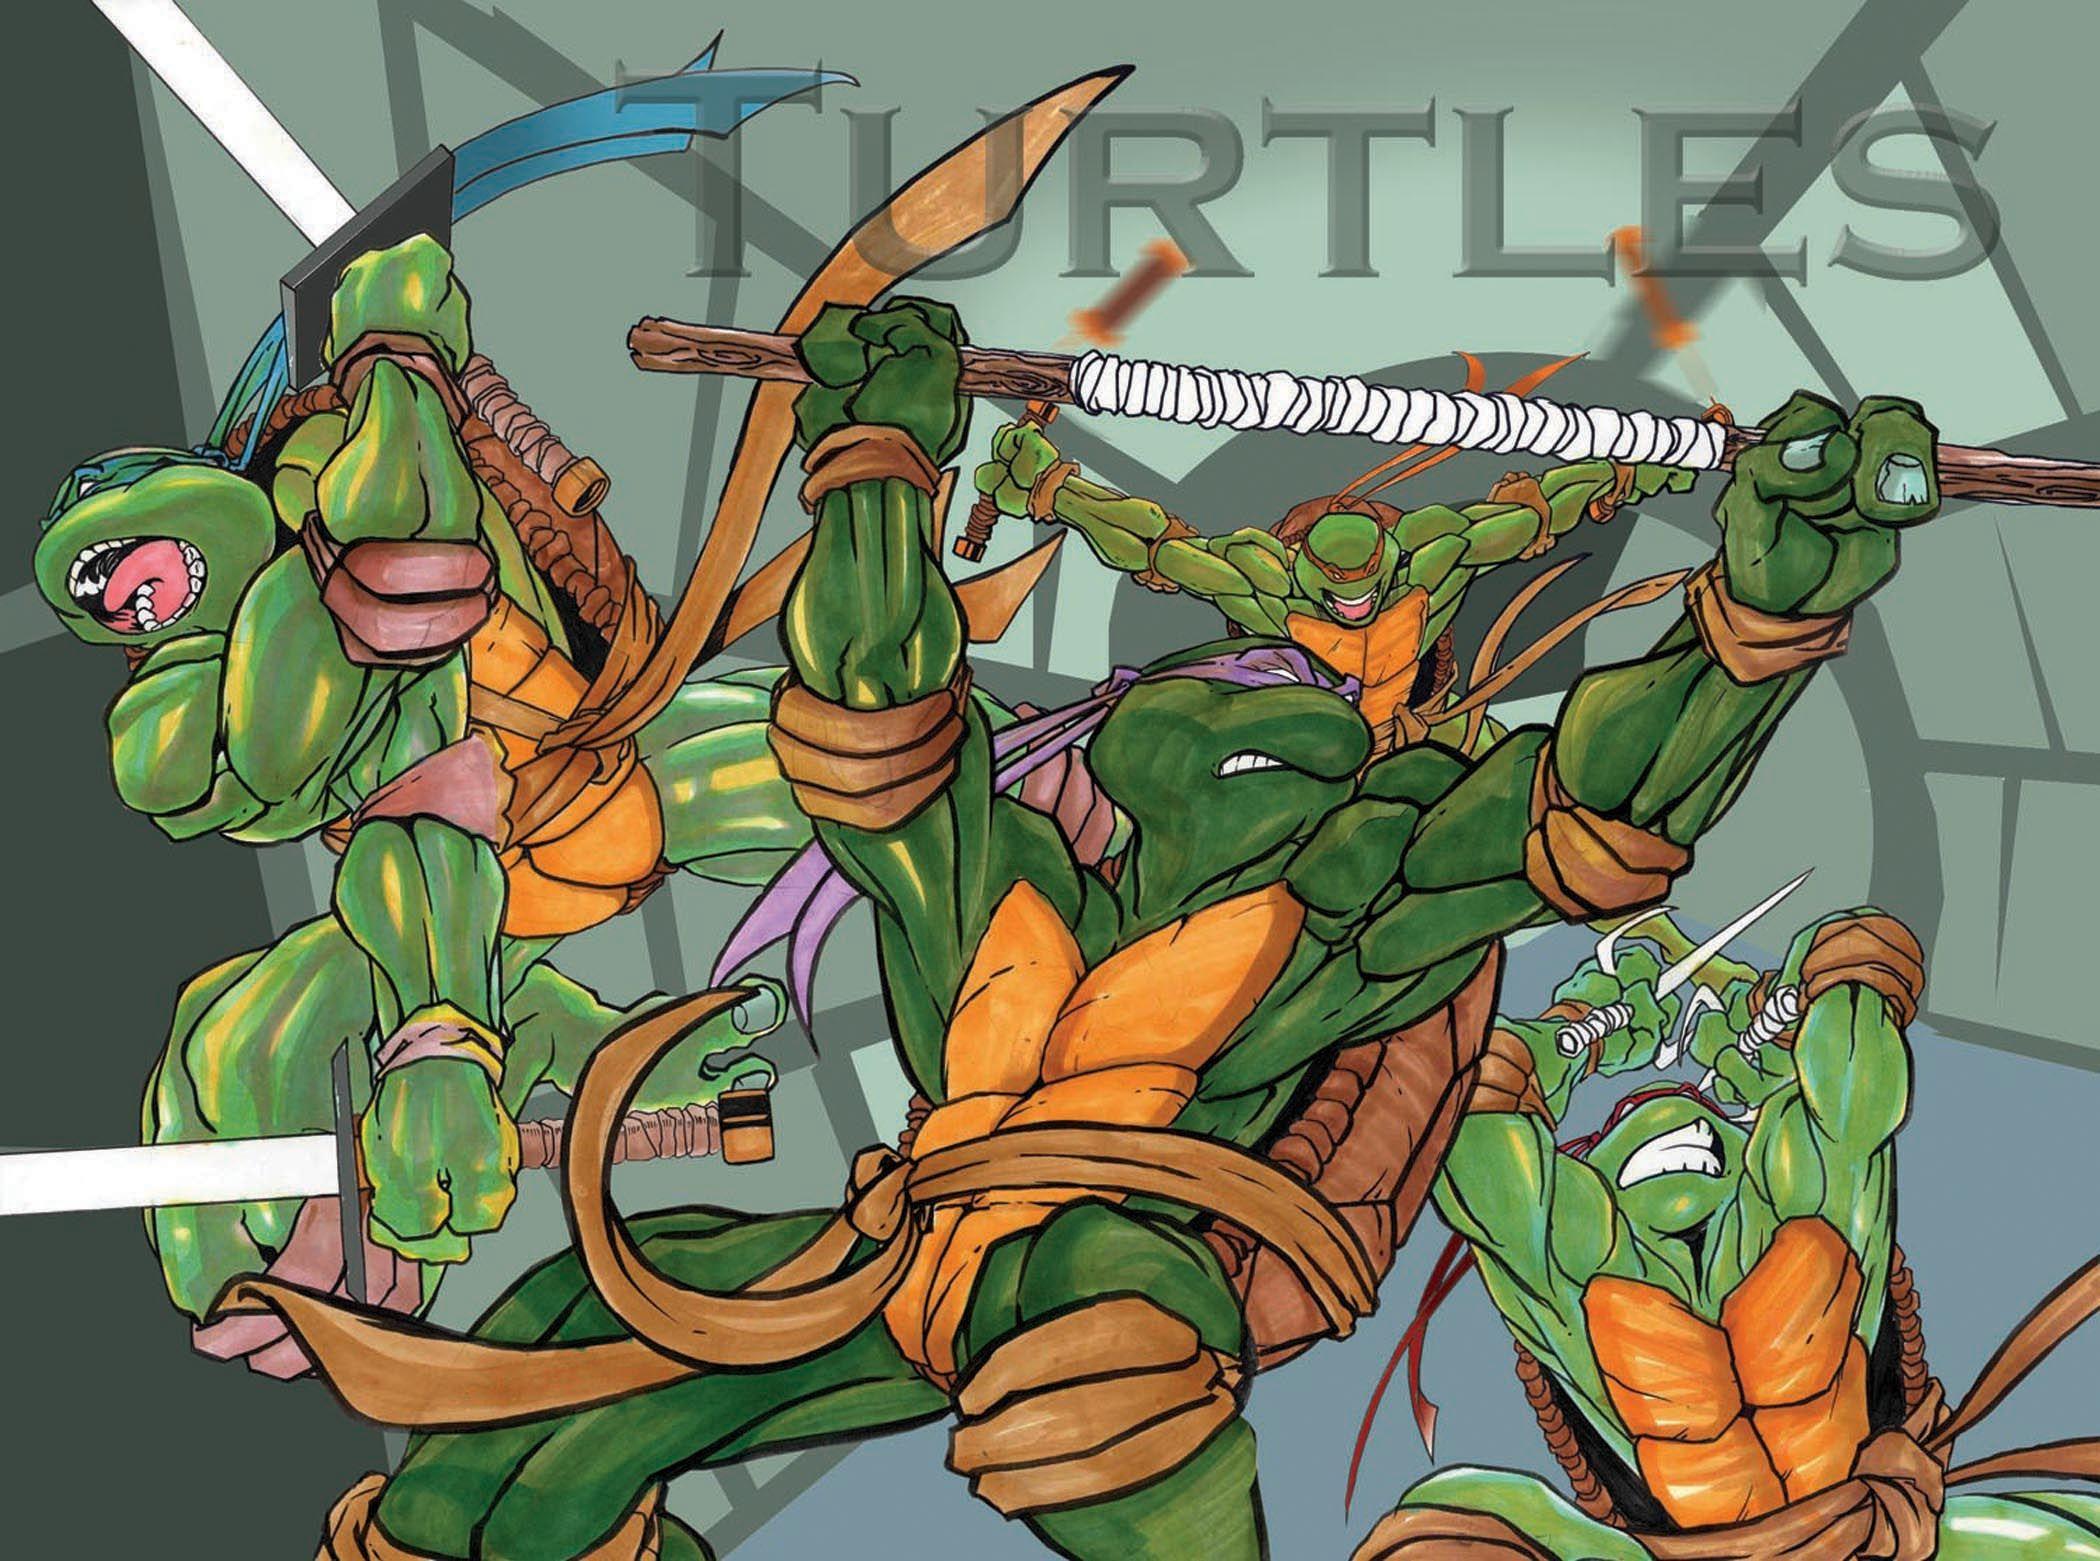 #Teenage #Mutant #Nina #Turtles #Fan #Art.